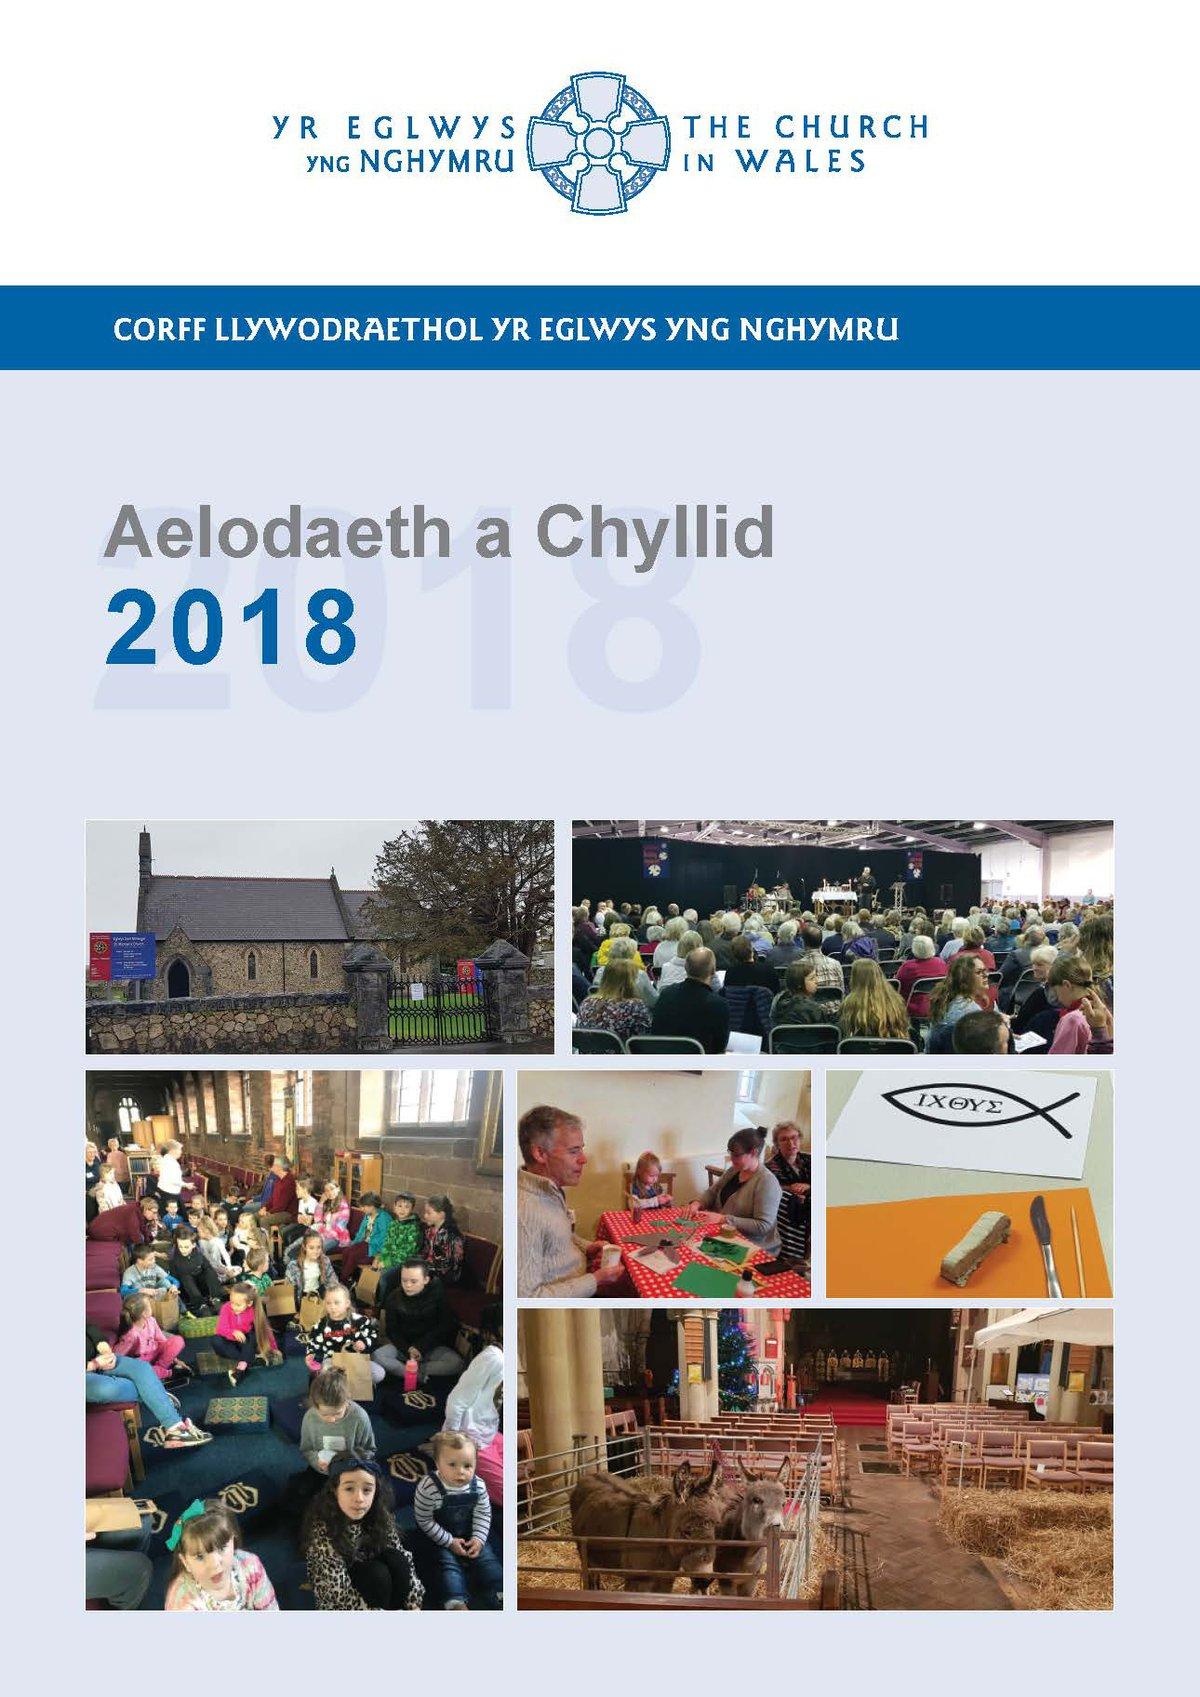 Aelodaeth a Chyllid 2018